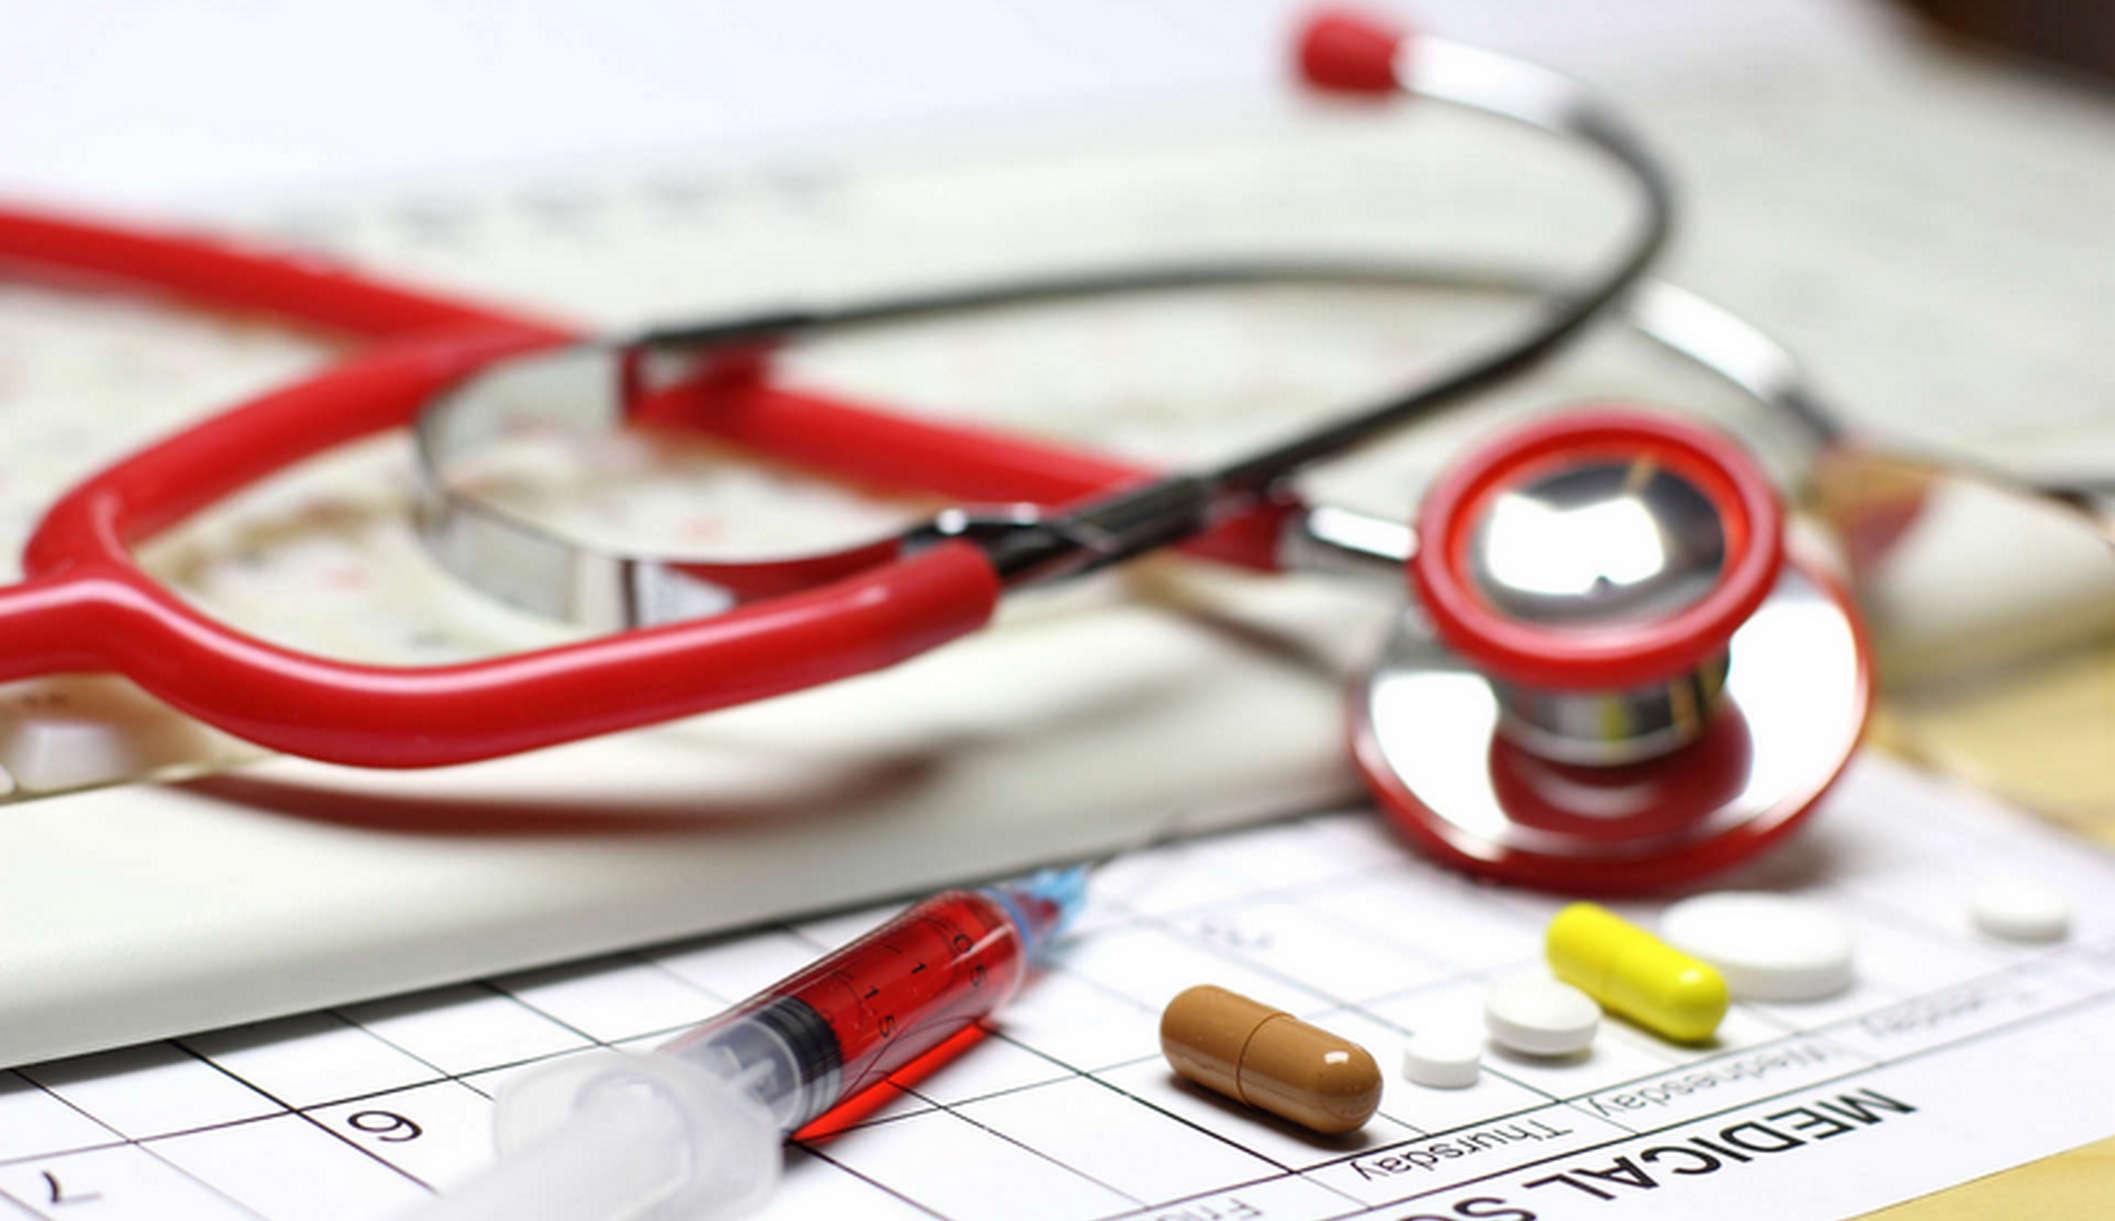 Медицинские сюрпризы: больных с туберкулезом и шизофренией выставят на улицу?